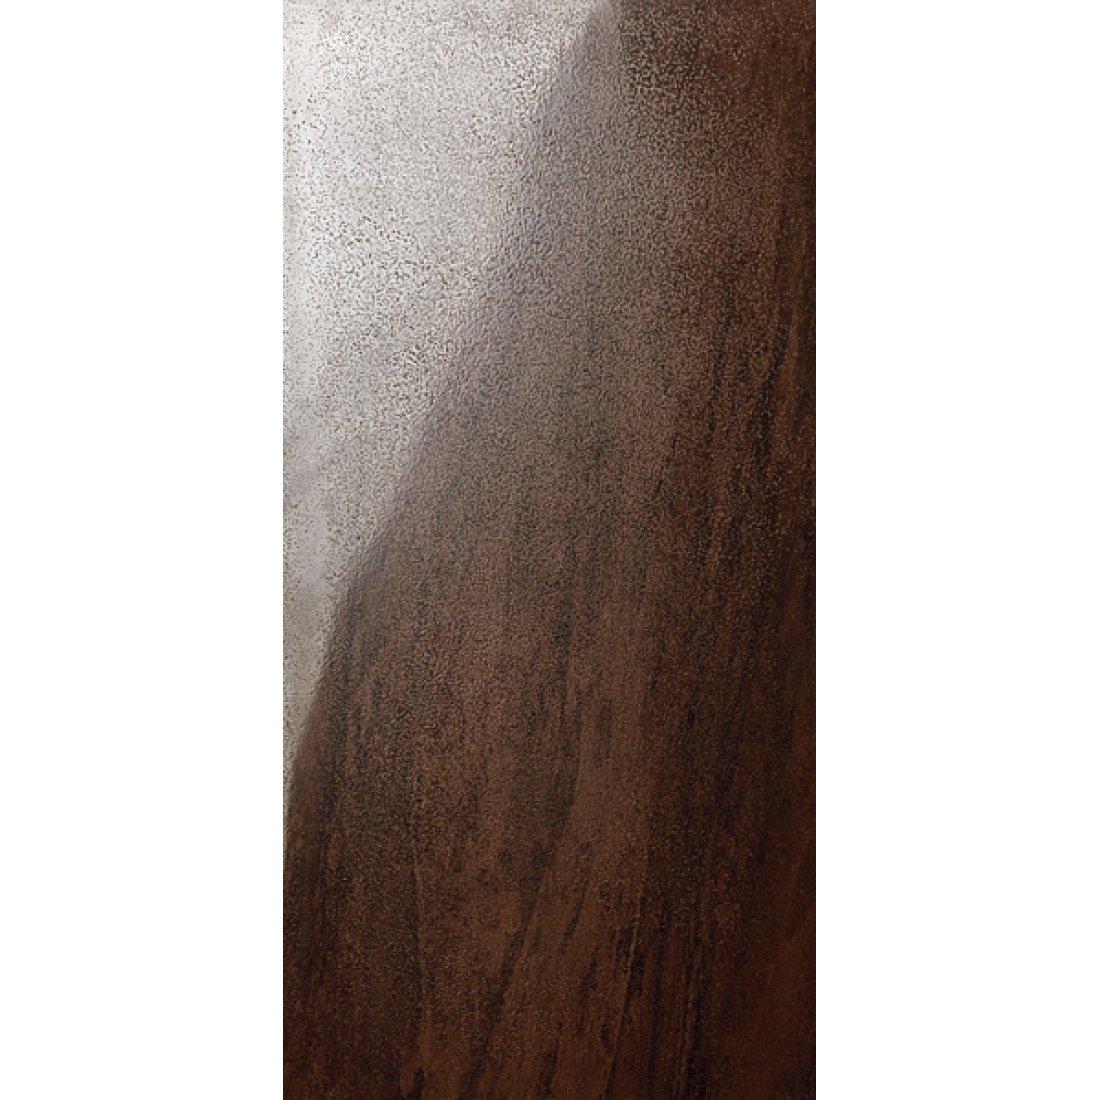 Авентин коричневый лаппатированный 40*80 керамический гранит KERAMA MARAZZI, артикул SG803202R